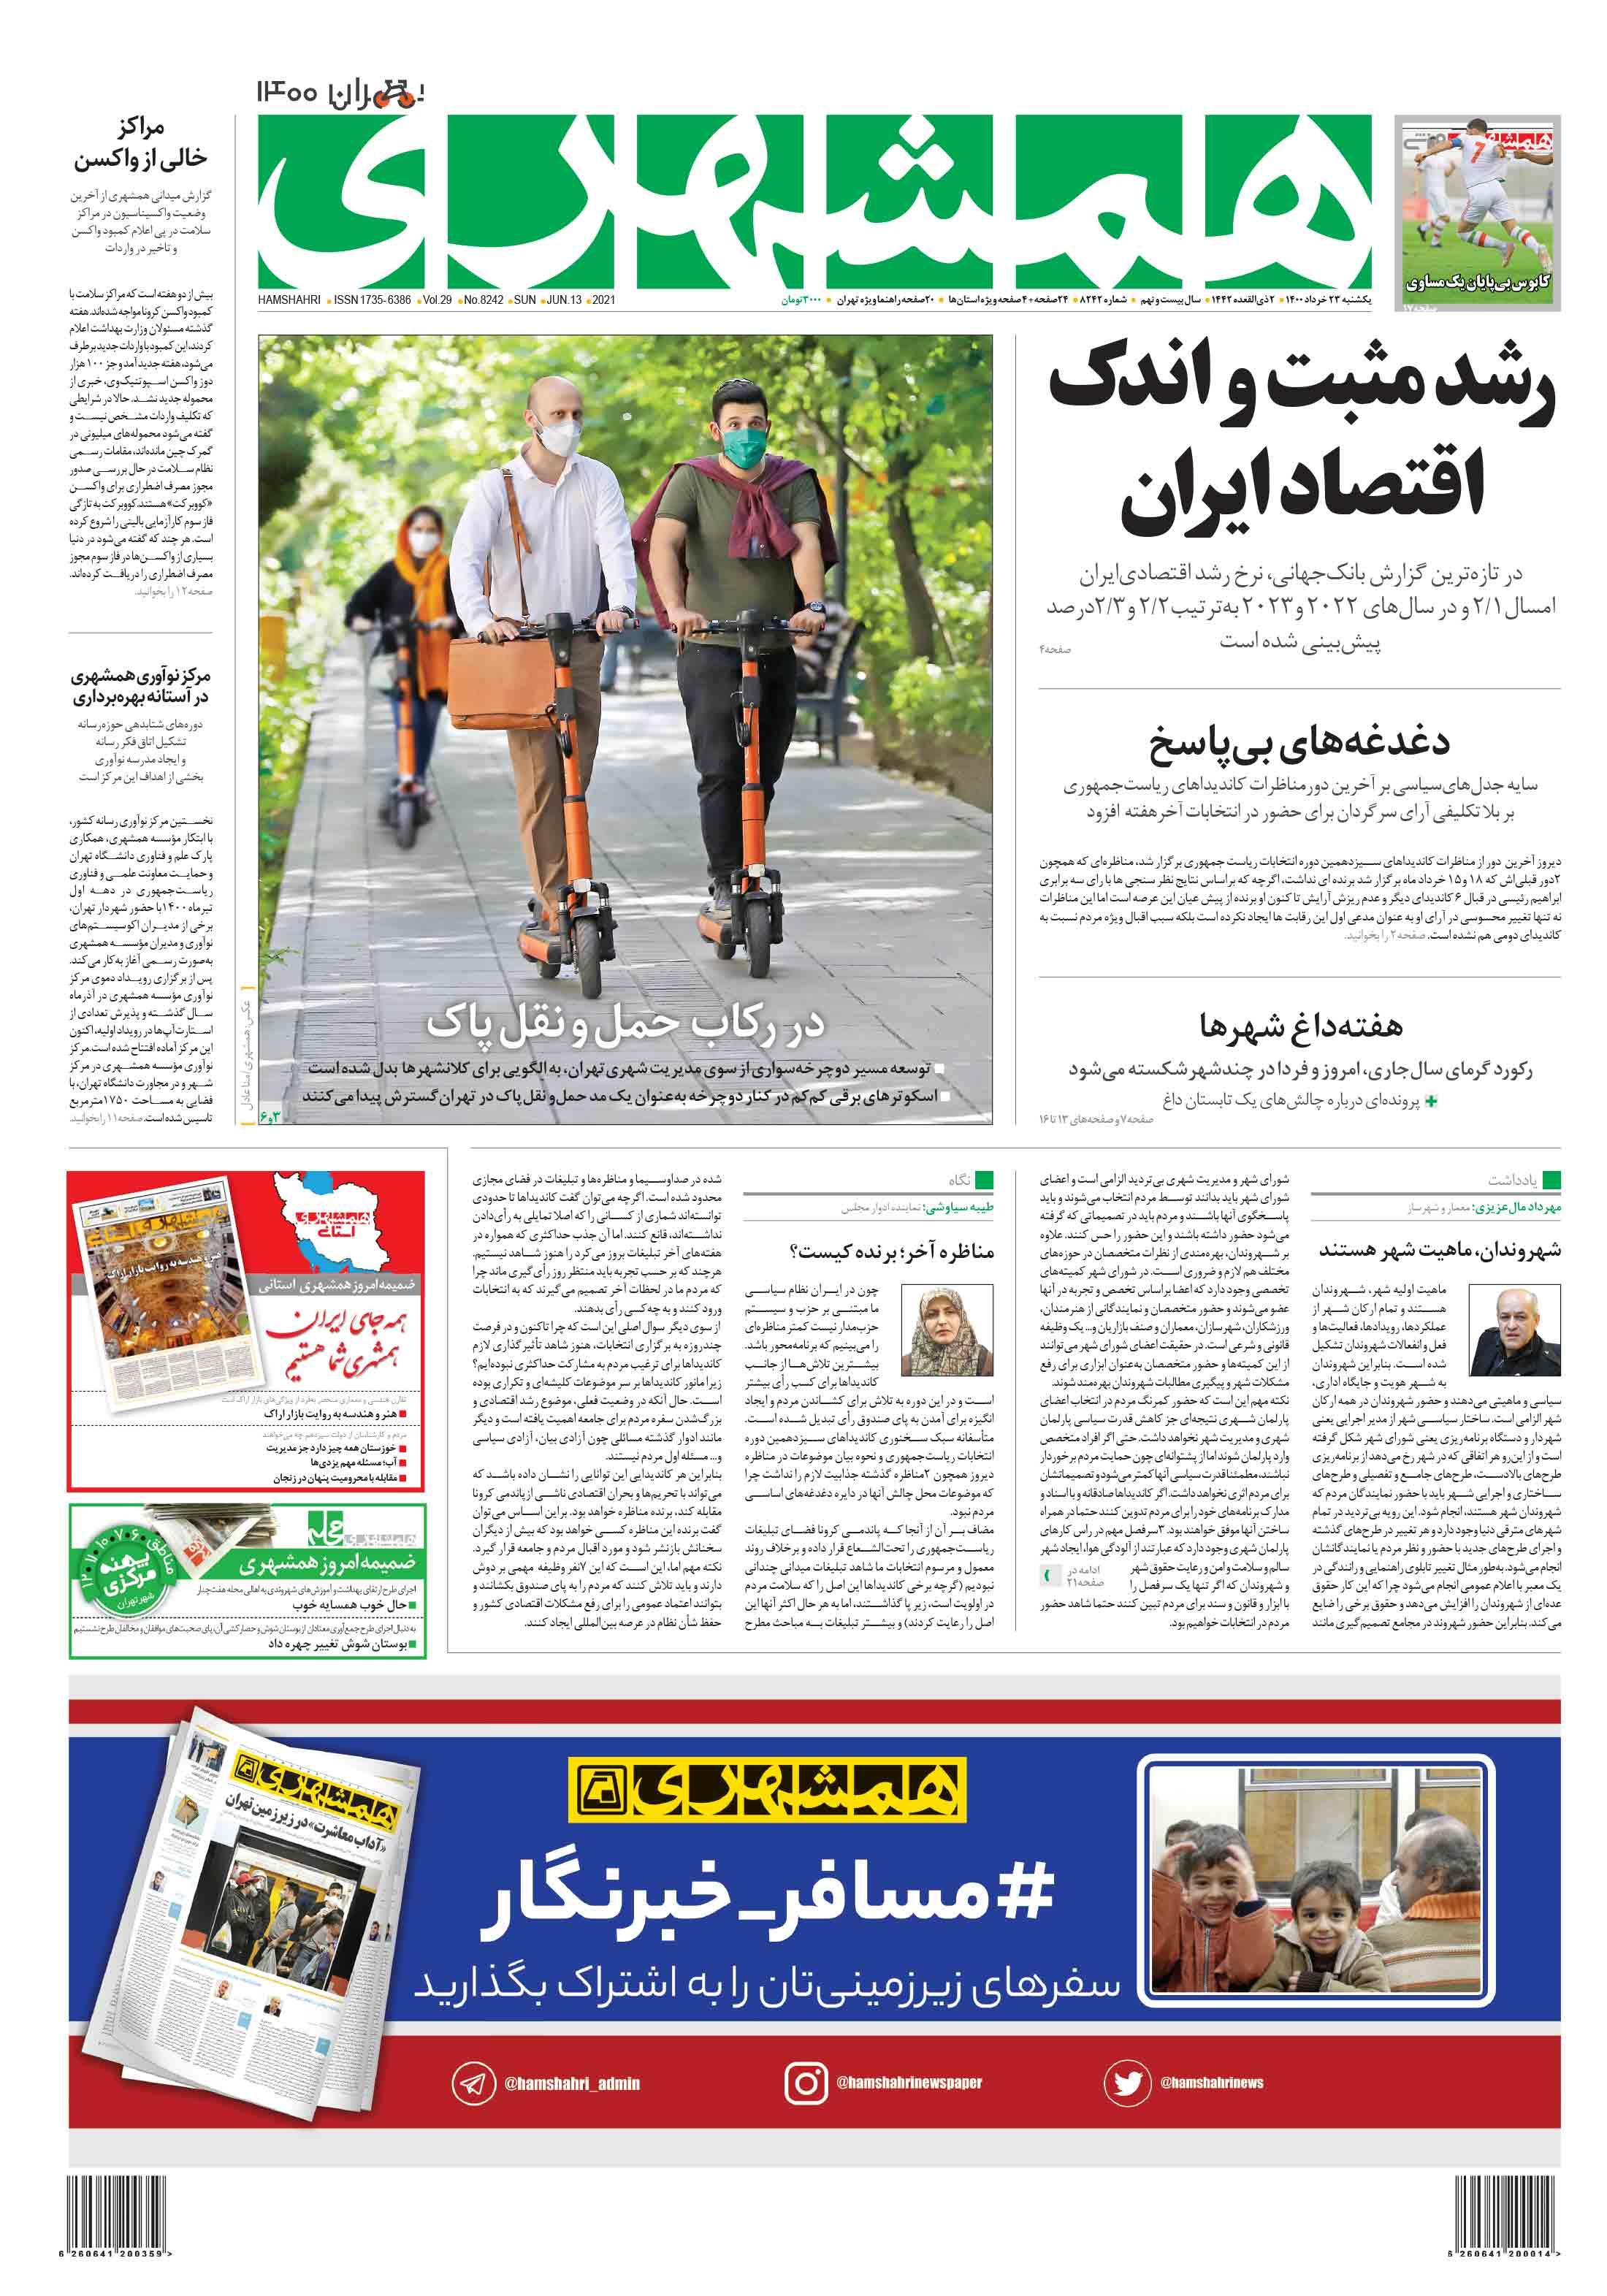 صفحه اول یکشنبه 23 خرداد 1400